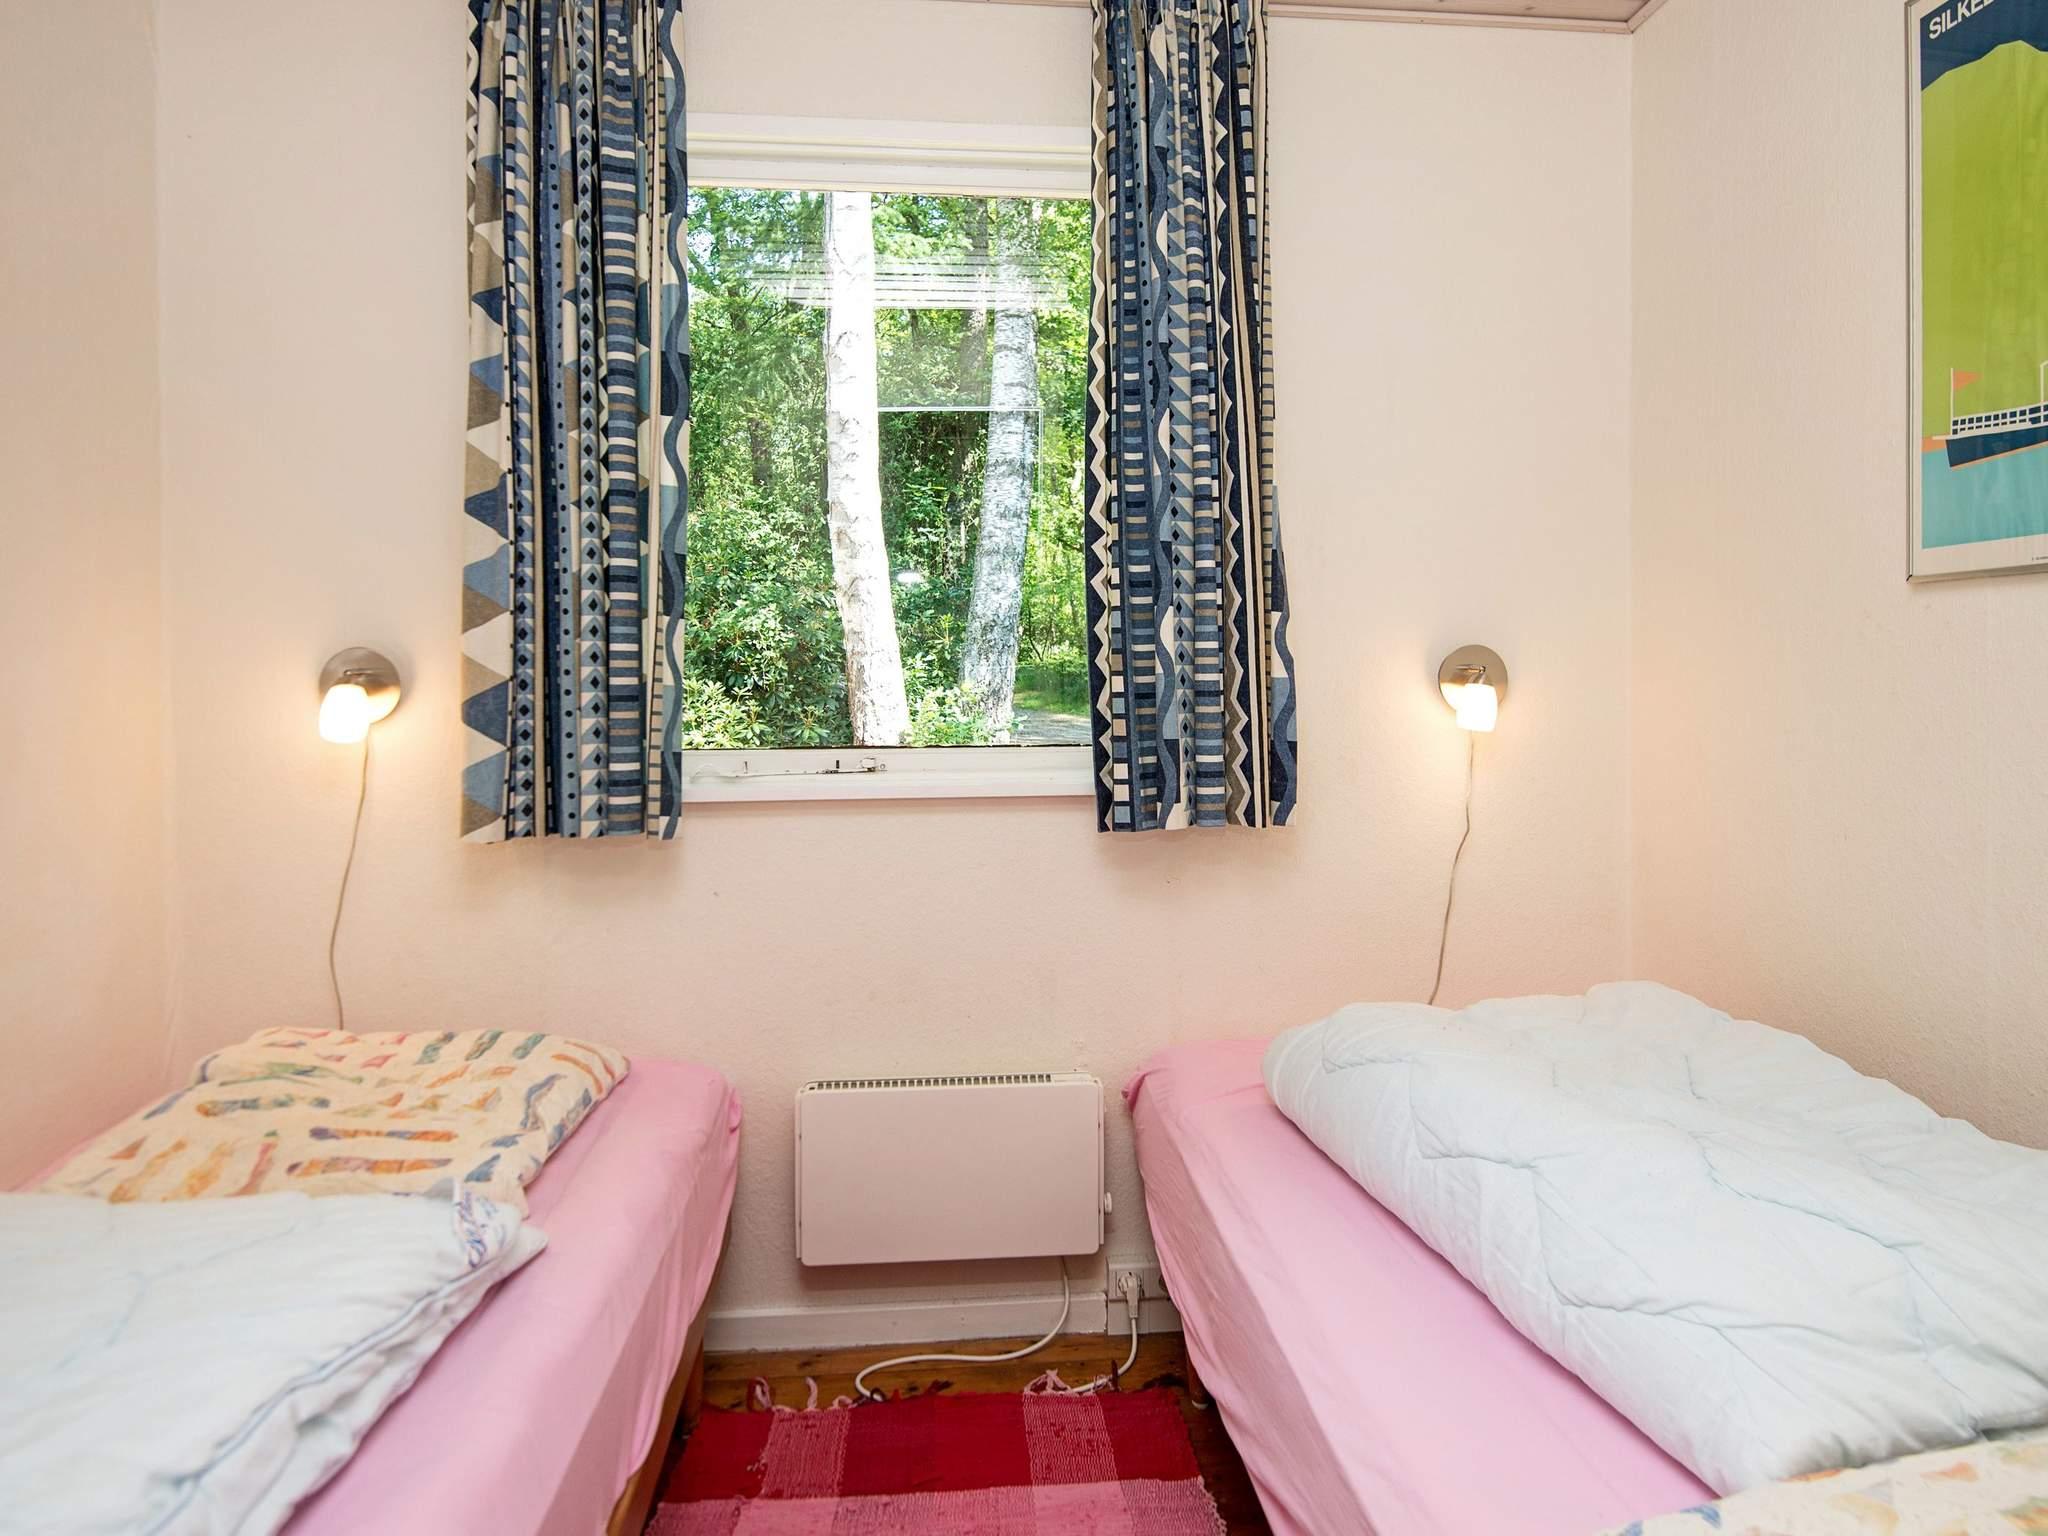 Ferienhaus Silkeborg (2428312), Silkeborg, , Ostjütland, Dänemark, Bild 14